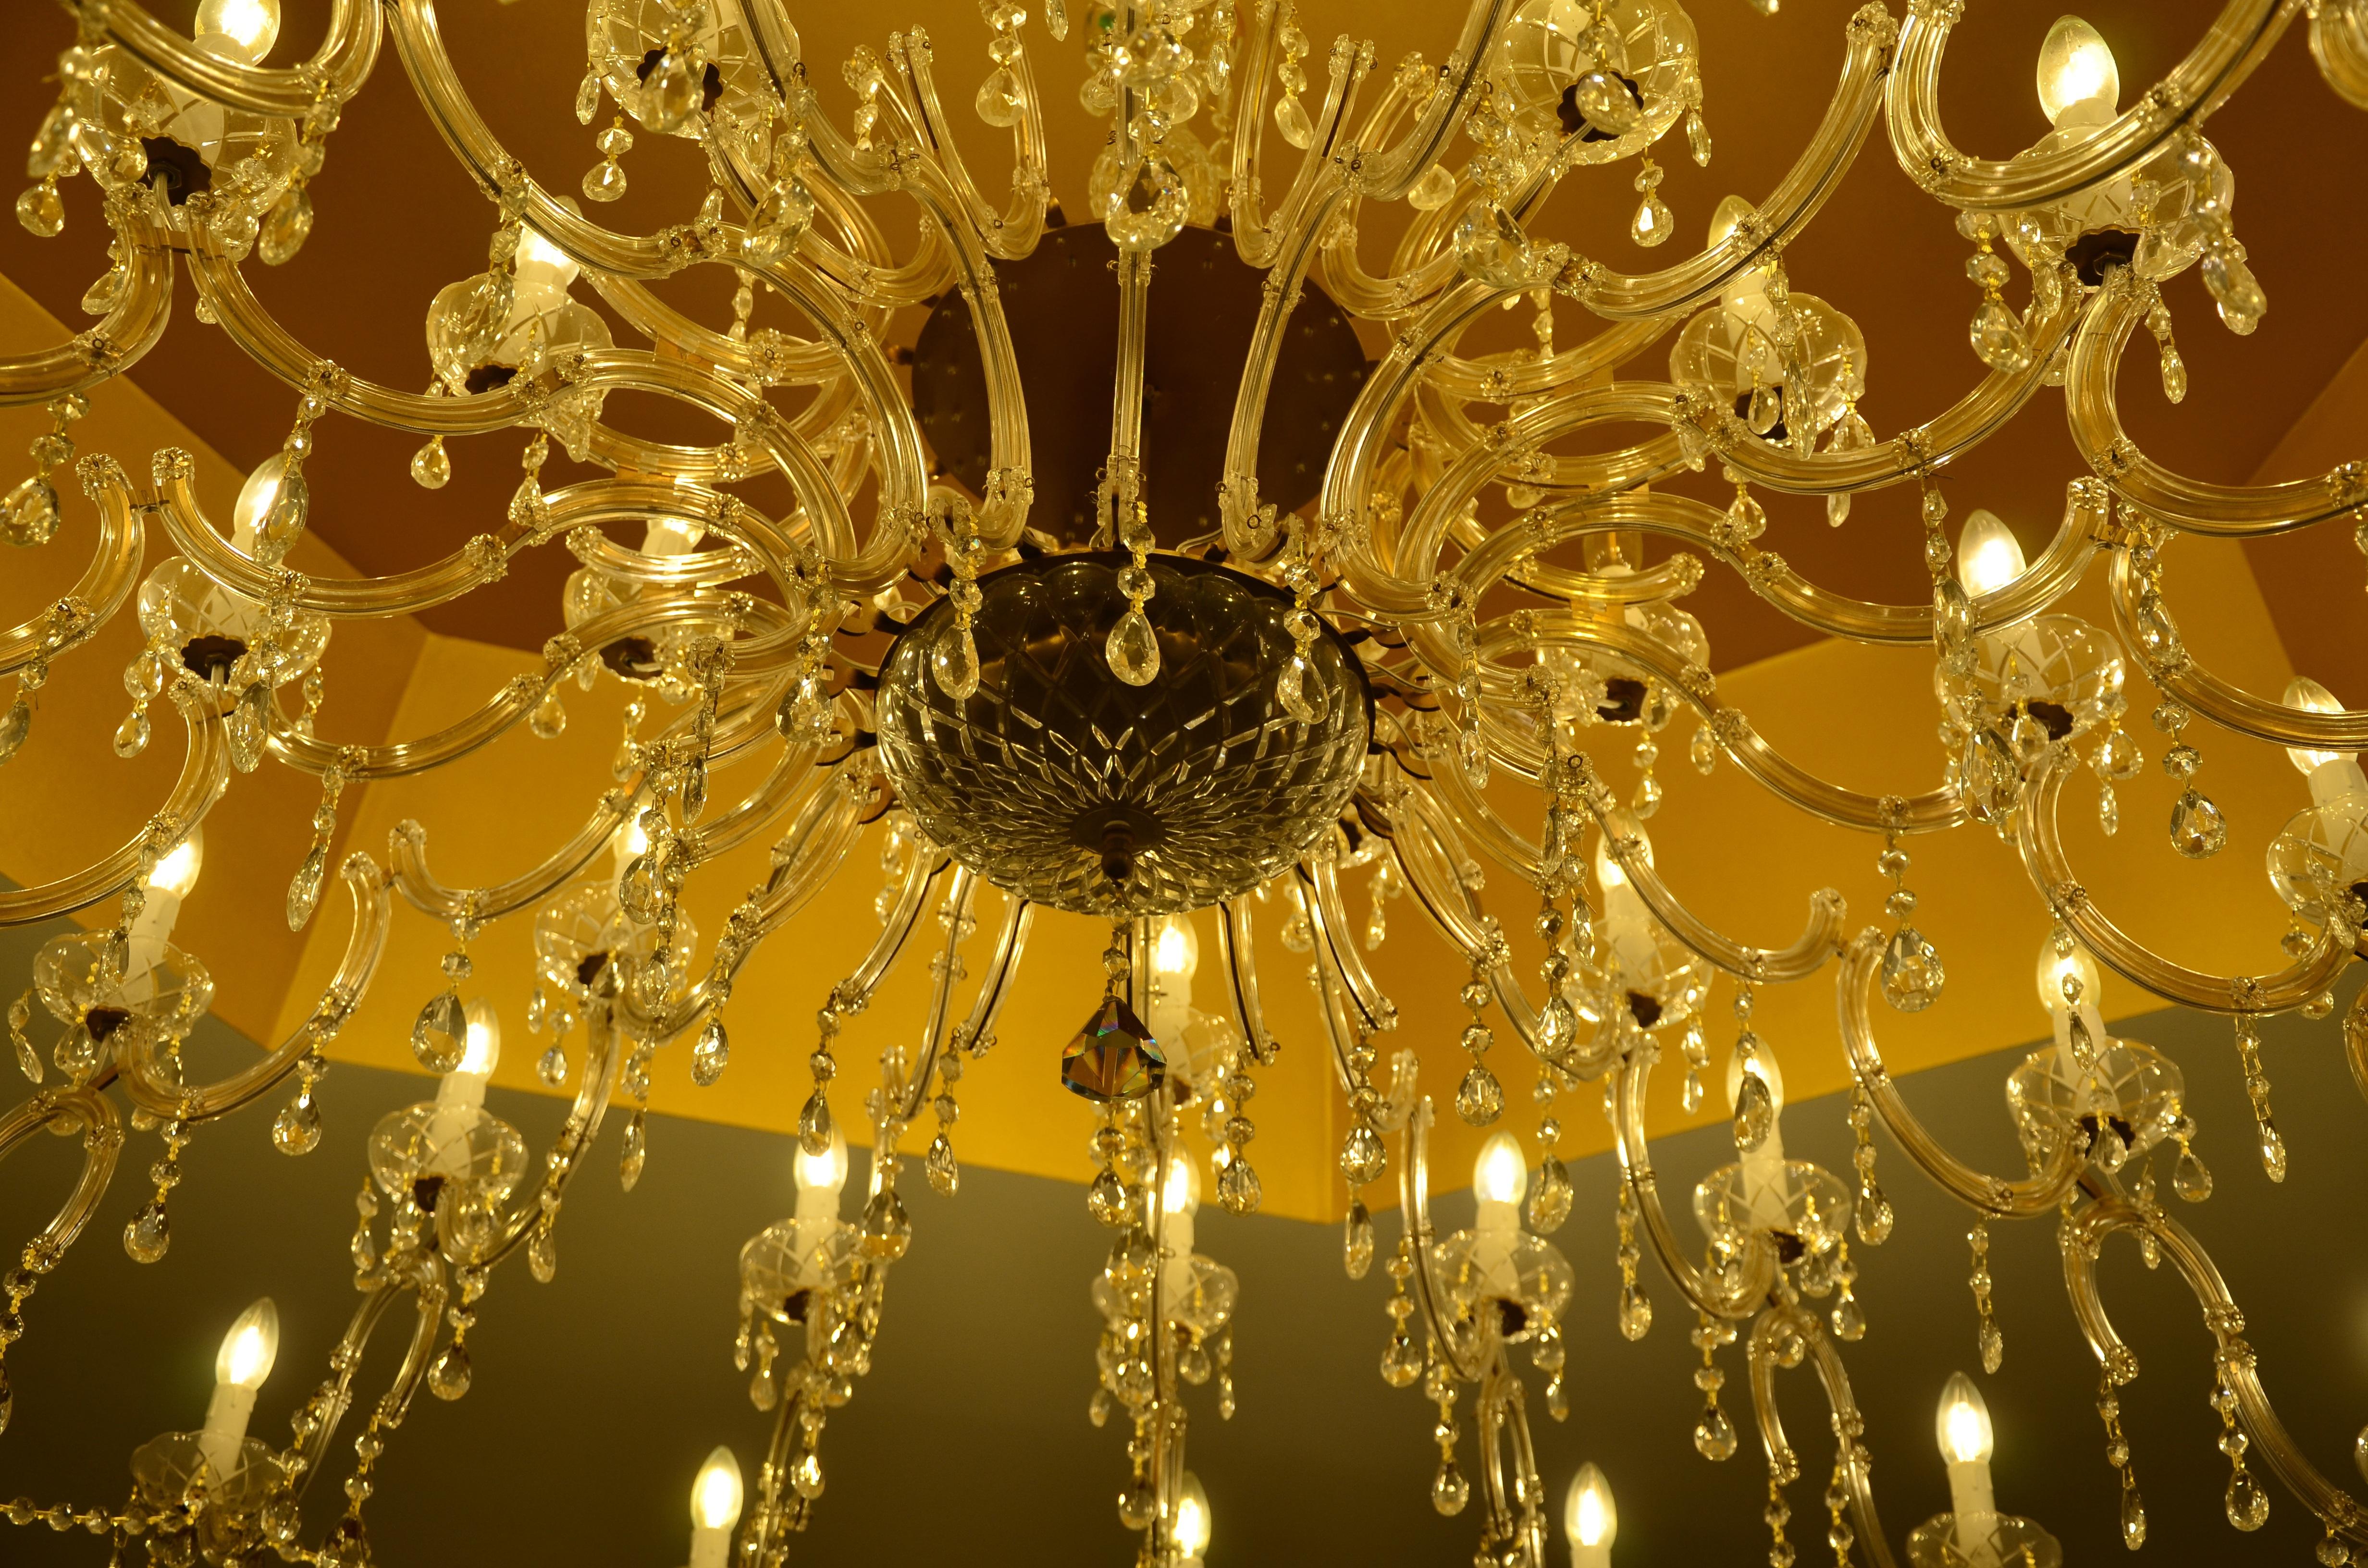 Gratis Afbeeldingen : licht, glas, plafond, lamp, verlichting, decor ...